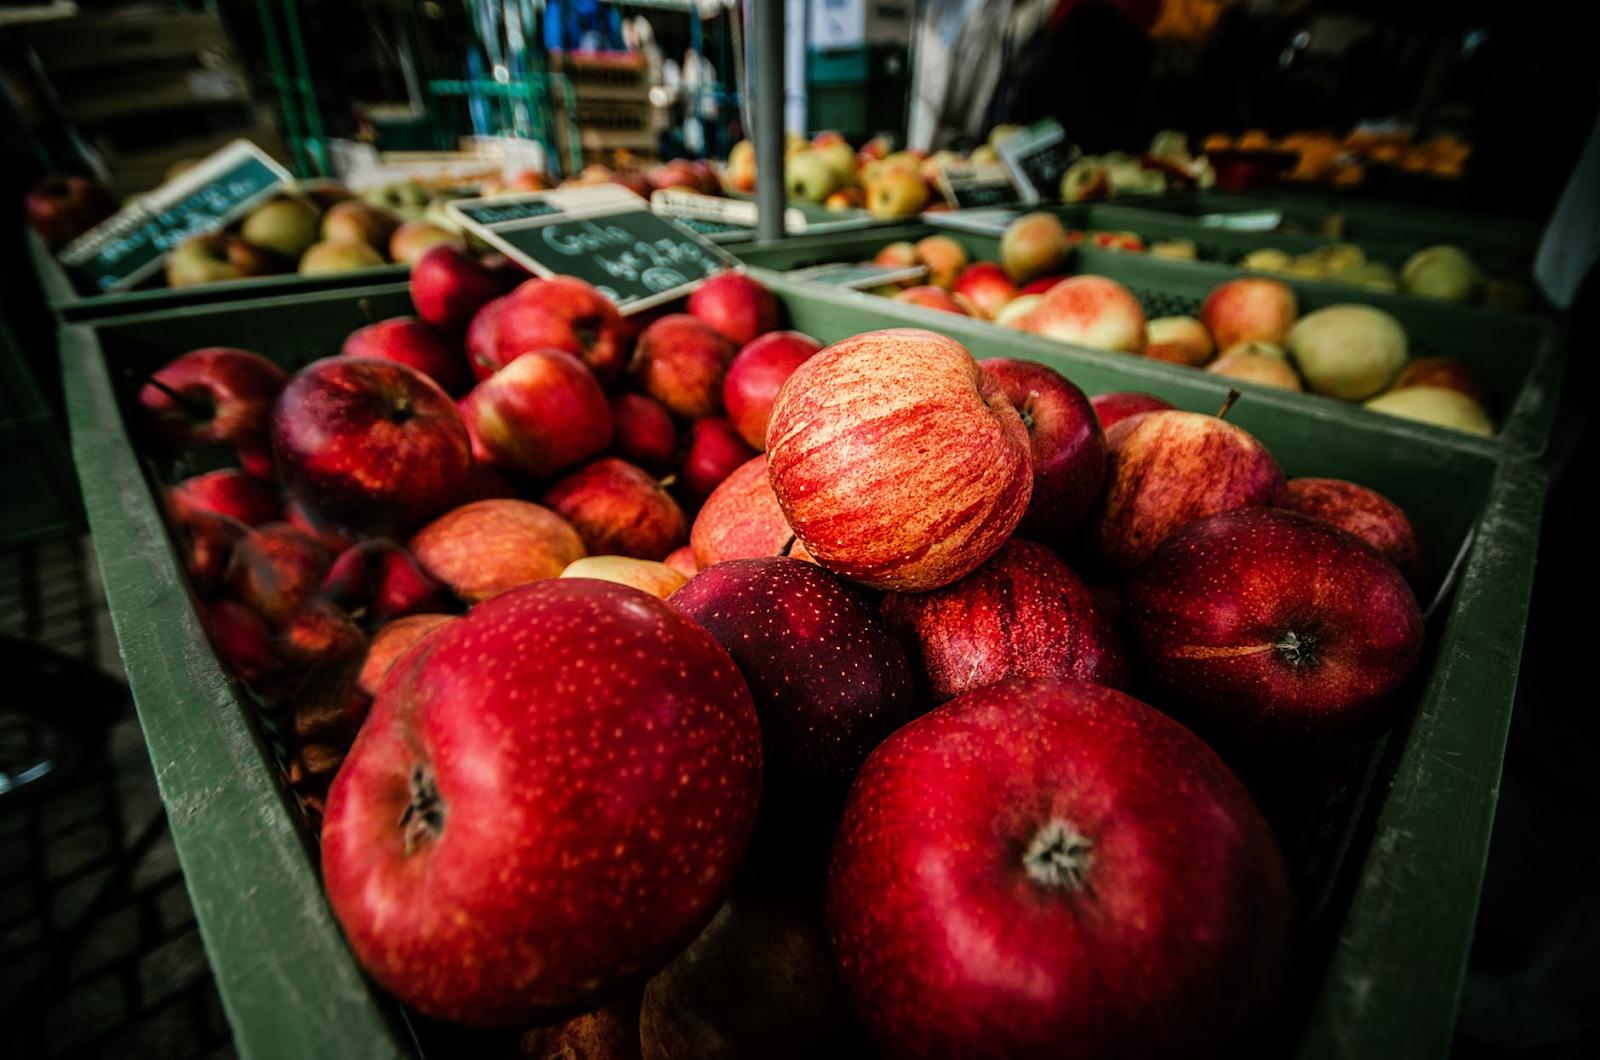 Apples in a bushel.